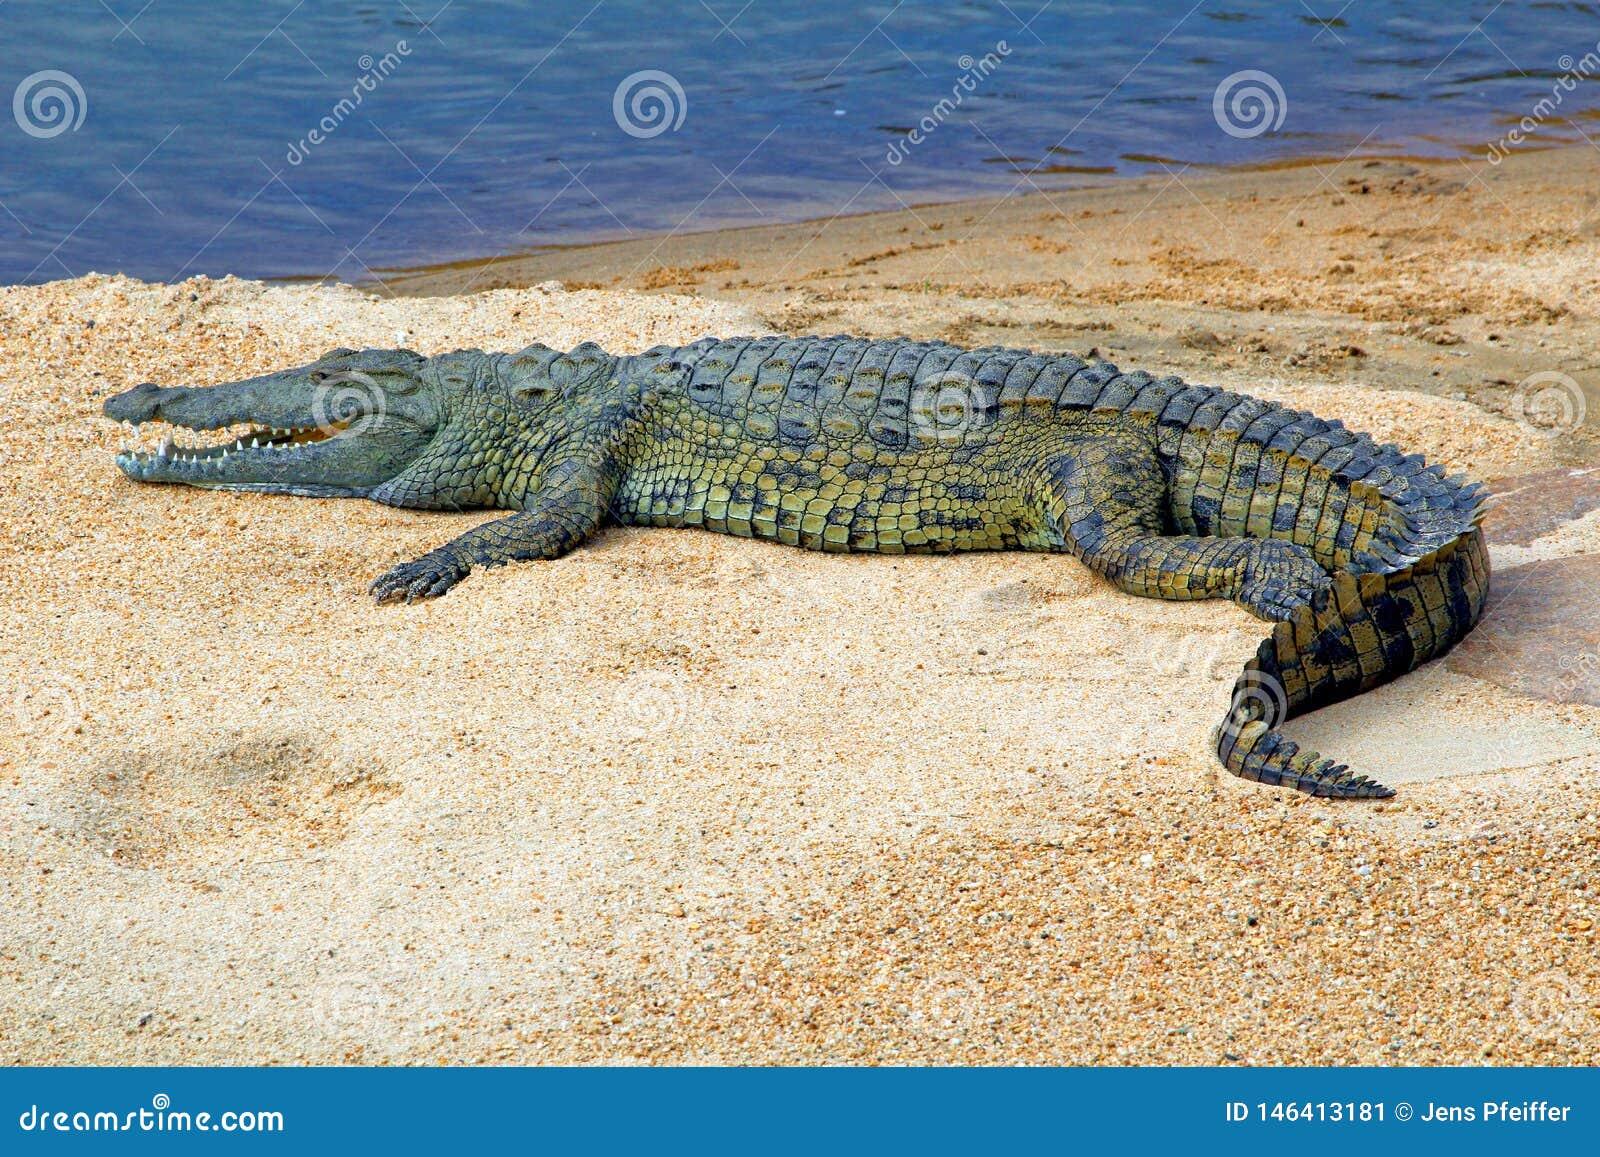 Crocodile sur le banc de sable au Souaziland/Eswatini